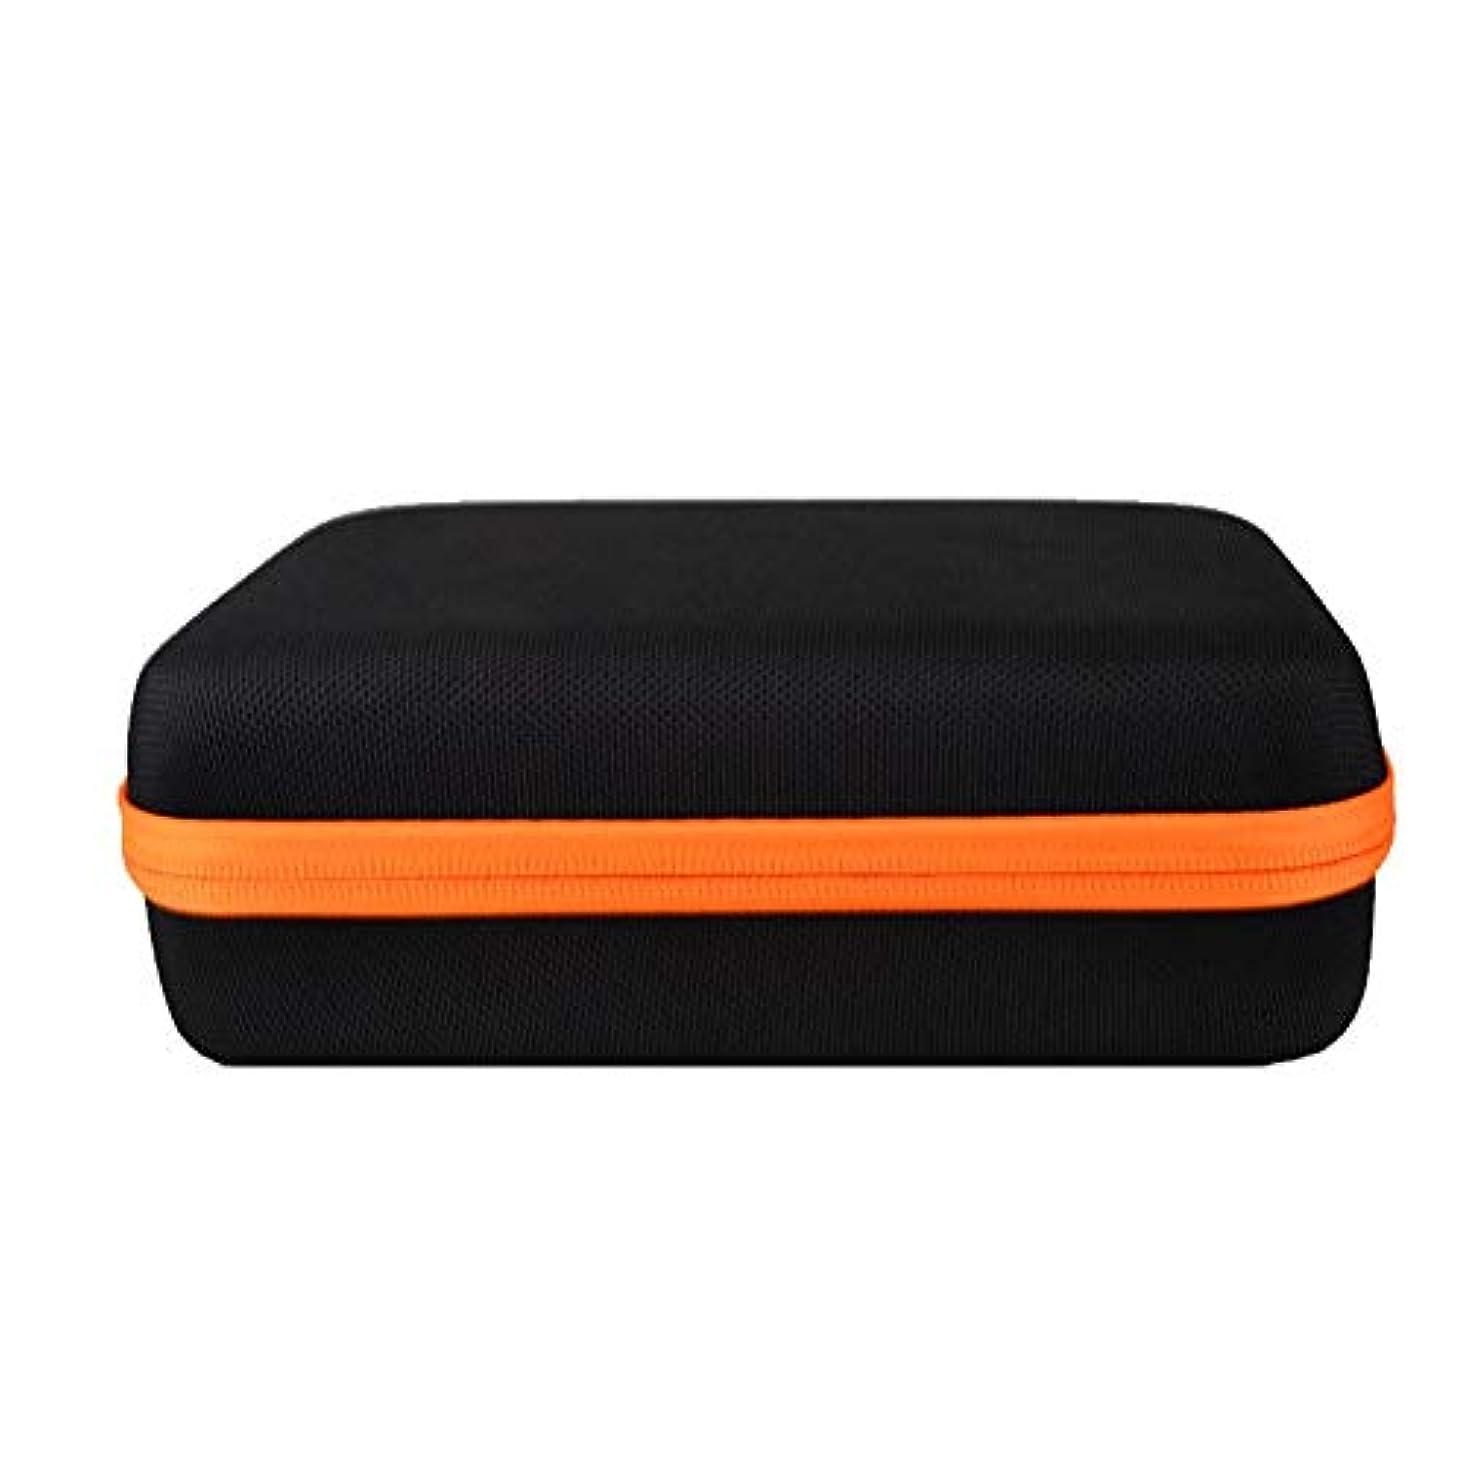 器具人間コメンテーターエッセンシャルオイルボックス 保護テイク5ミリリットル、10mLのとオイルの15ミリリットル瓶不可欠旅行のポータブル石油貯蔵ボックスフレームのための高油のホルスター アロマセラピー収納ボックス (色 : オレンジ, サイズ...